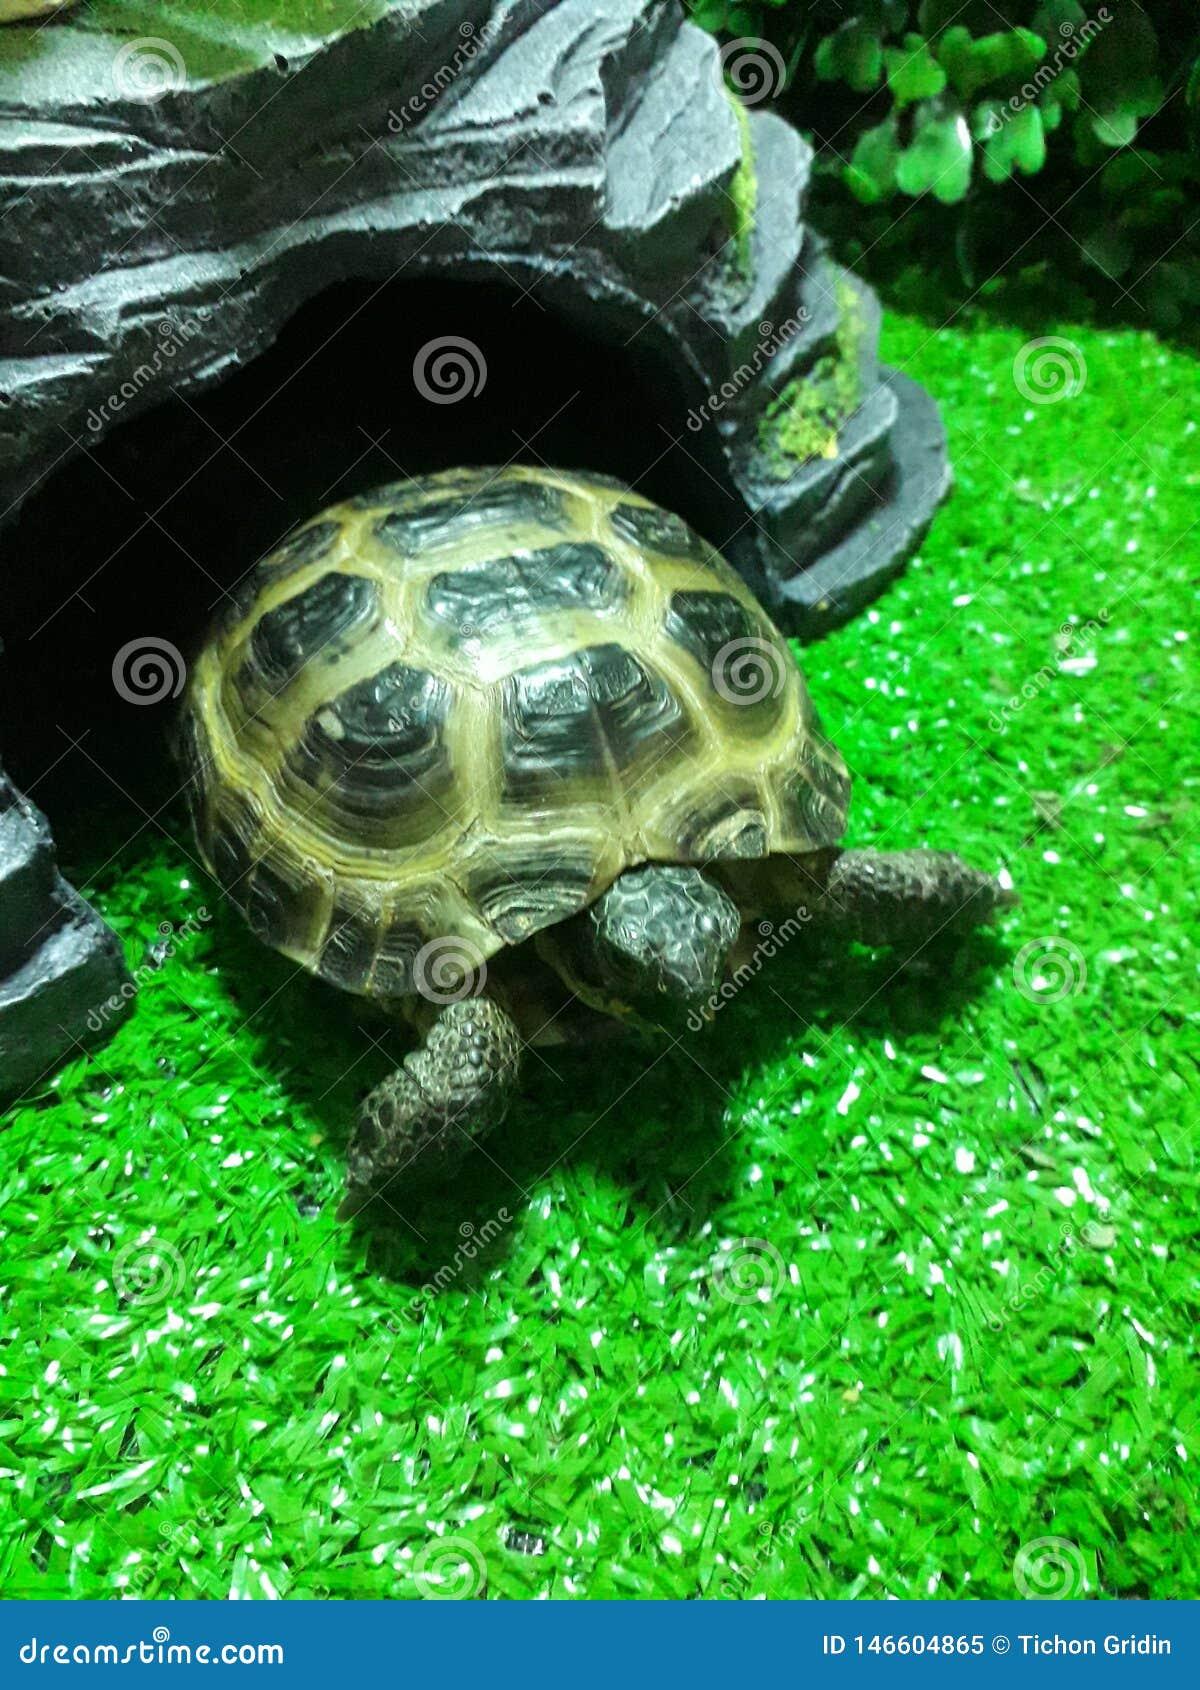 Hellgrüne Schildkröte von Zentralasien steht in einem Terrarium